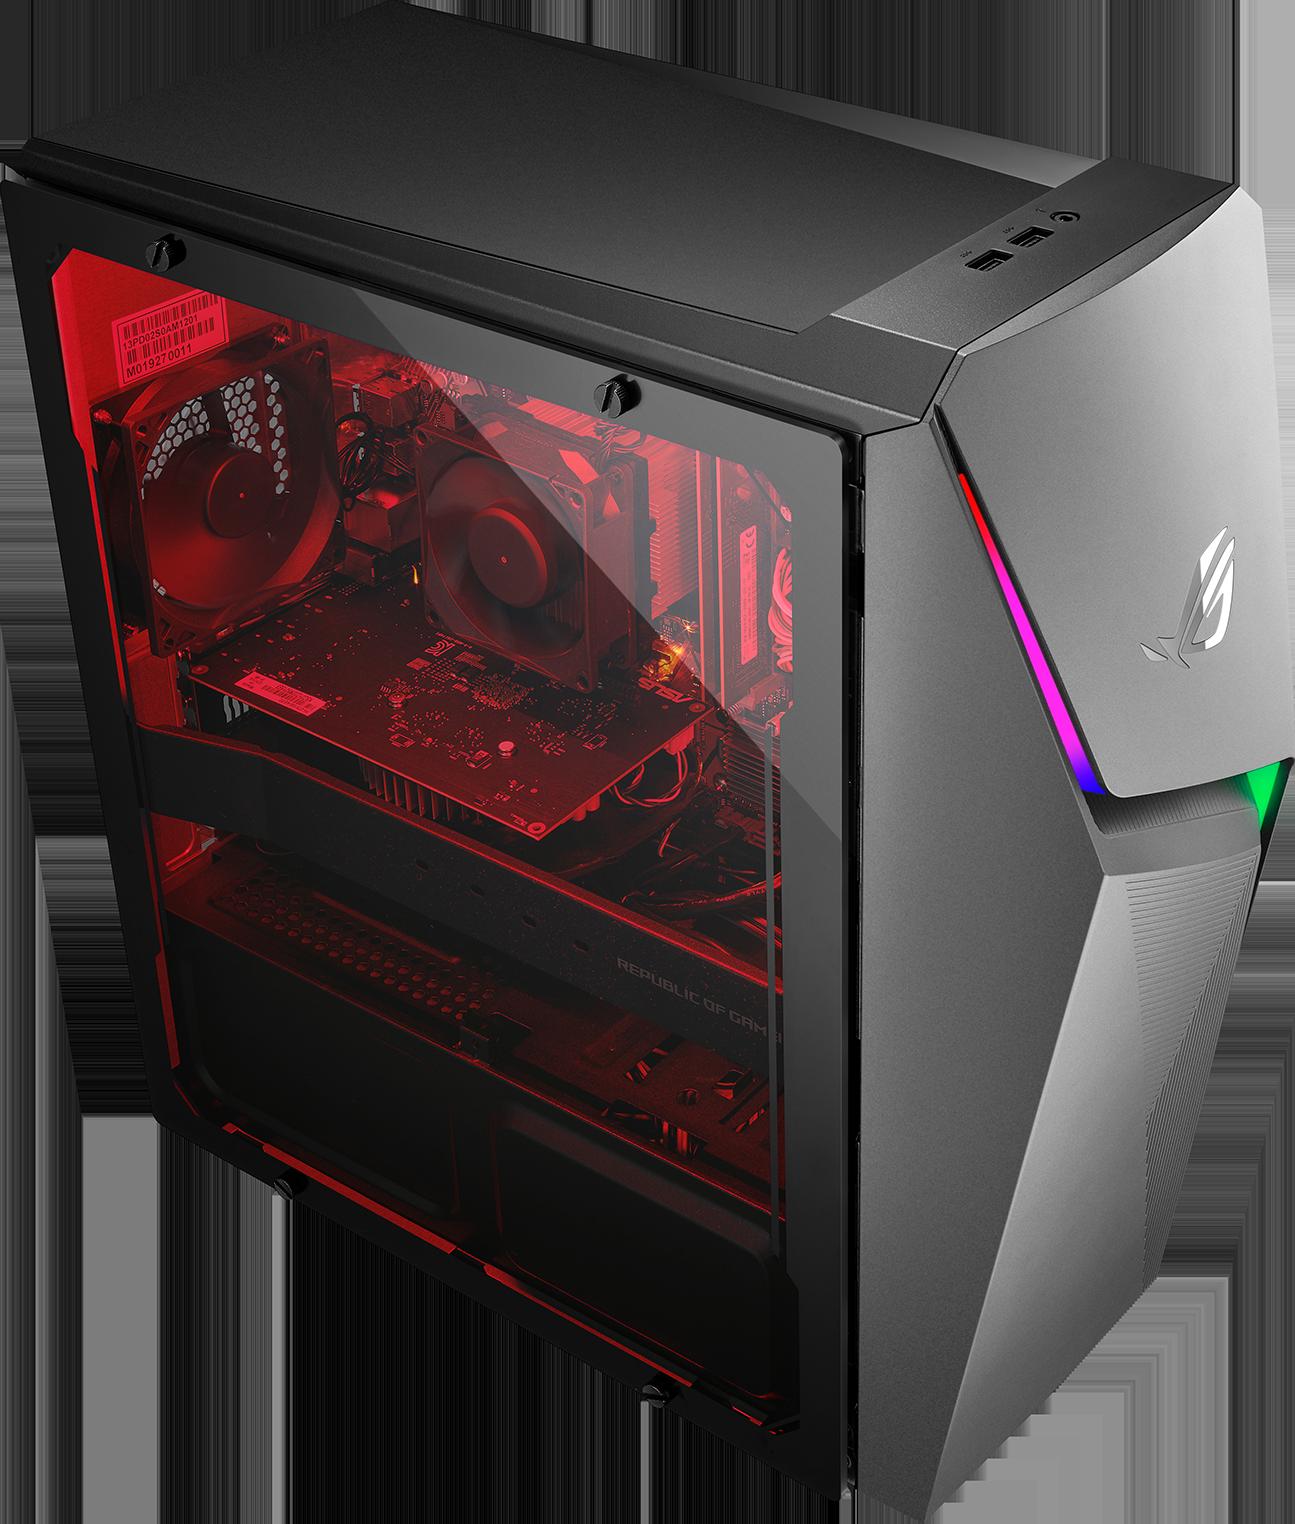 Asus ROG Strix GL10DH Gaming Desktop PC